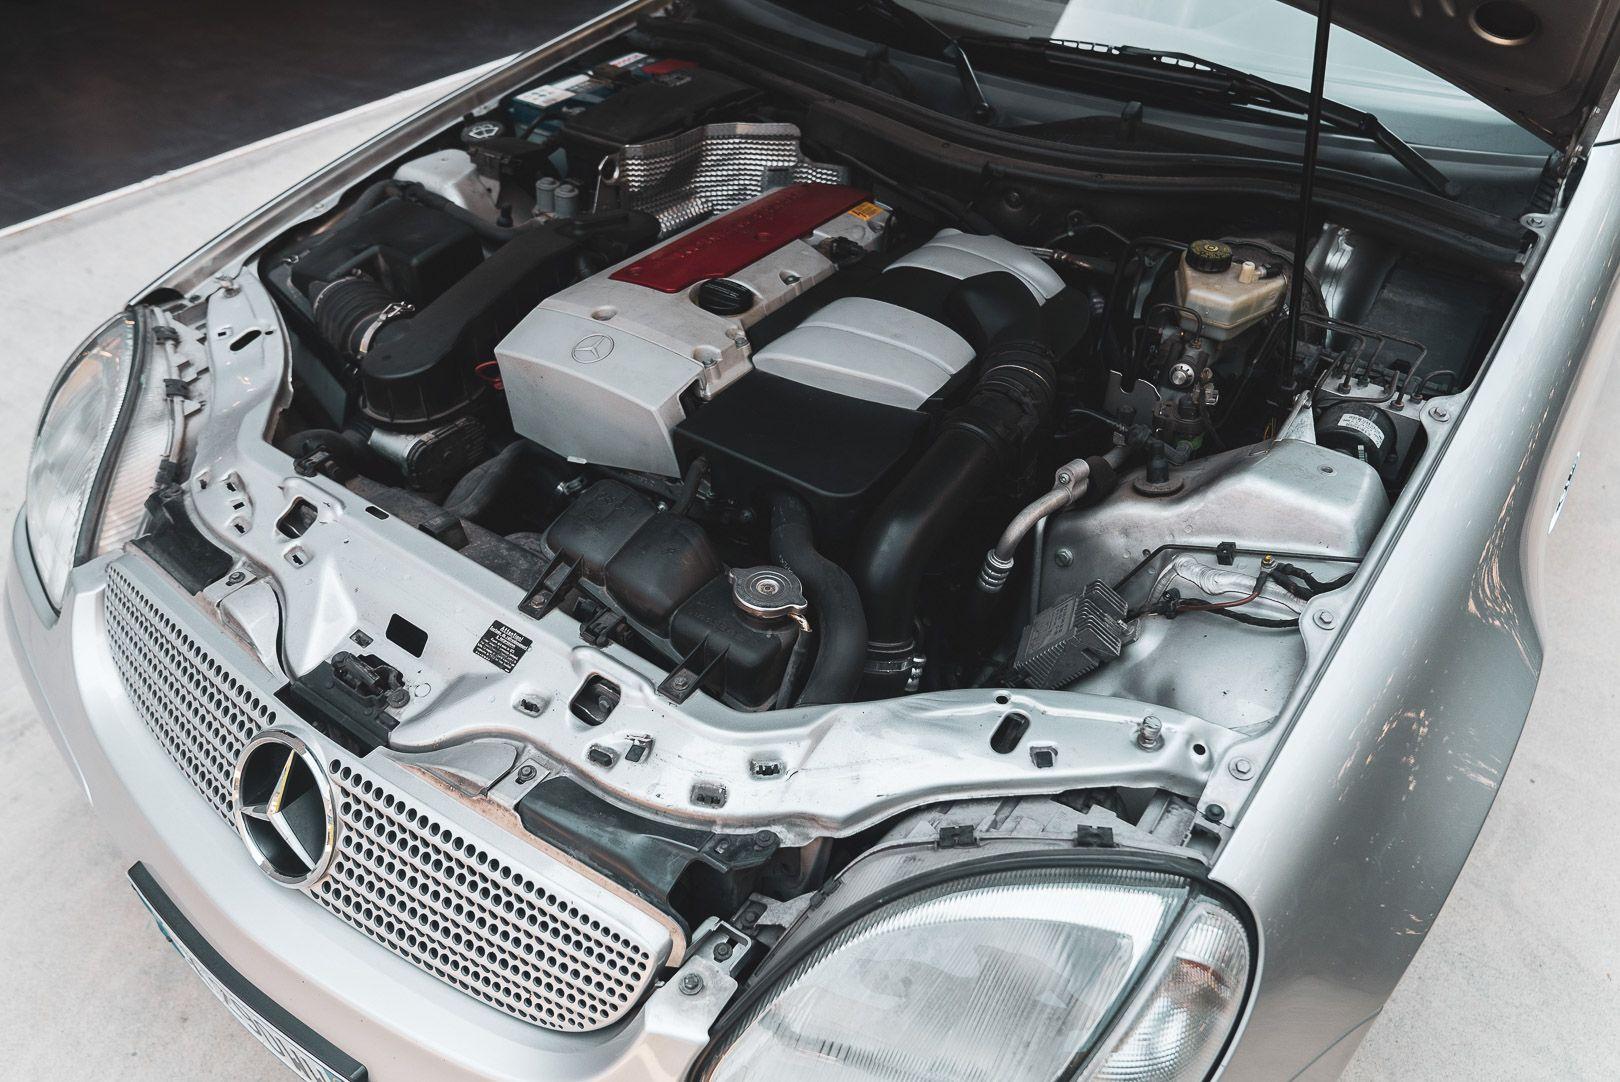 2004 Mercedes Benz 200 SLK Kompressor Special Edition 80787